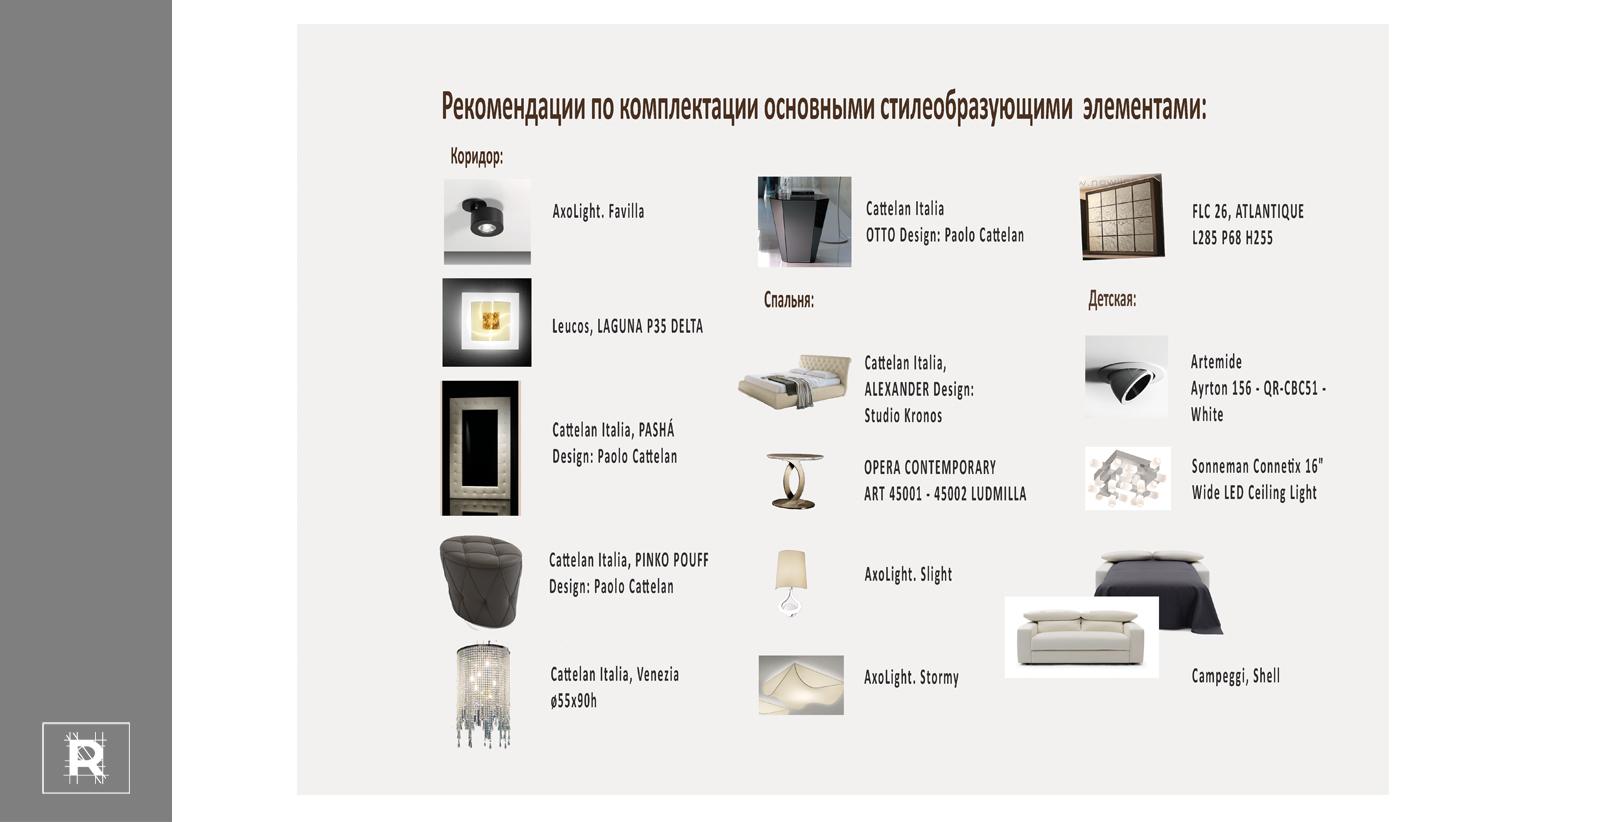 Пример - Рекомендации с картинками по освещению и мебели